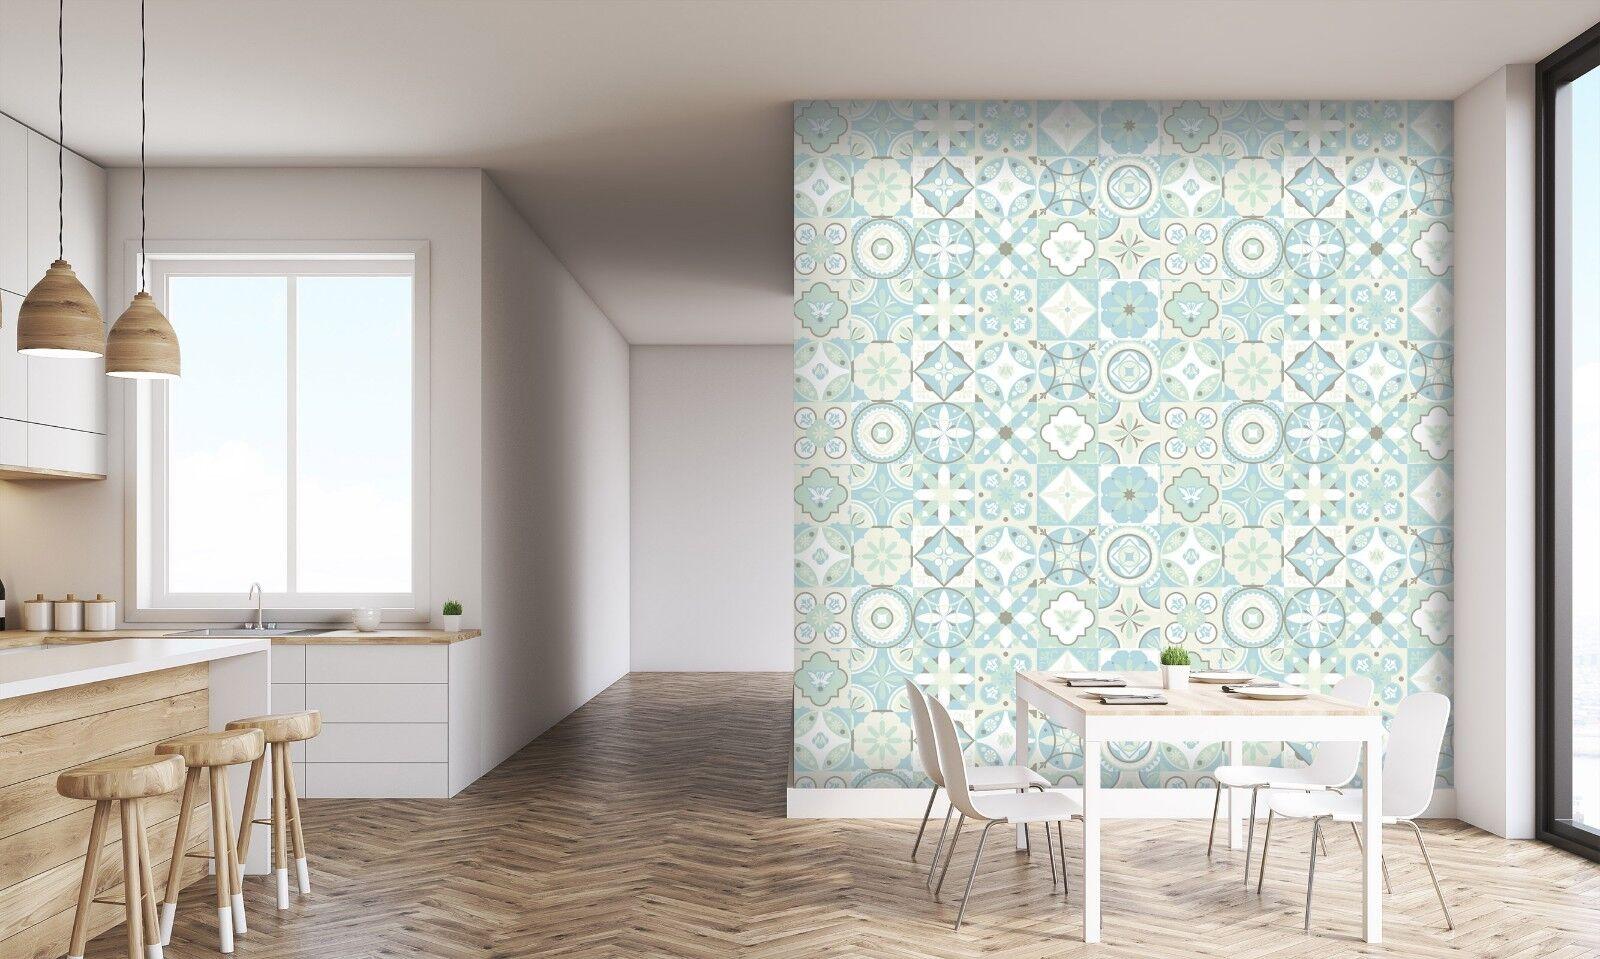 3D Light Pattern 846 Texture Tiles Marble Wall Paper Decal Wallpaper Mural